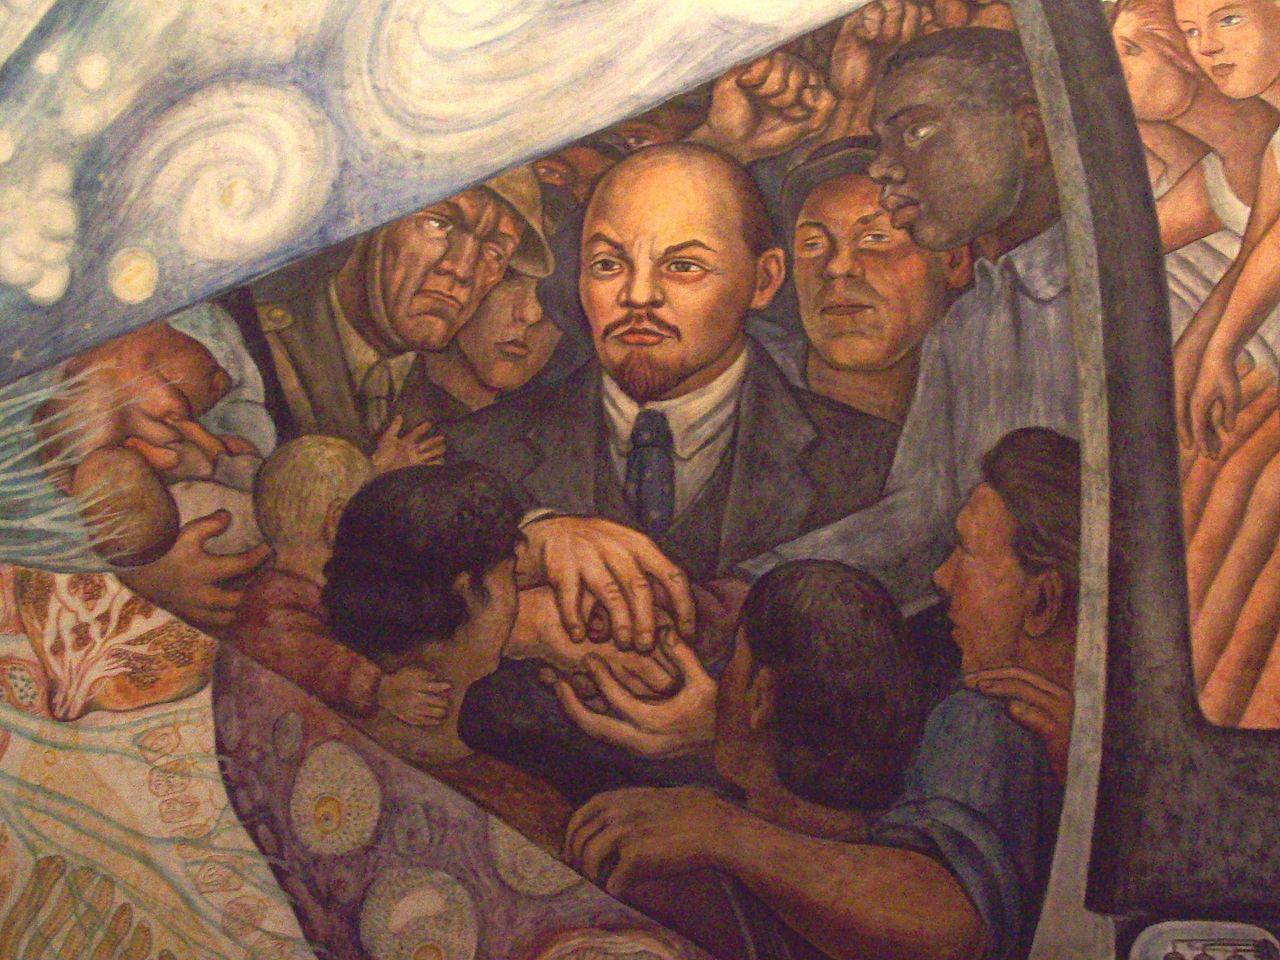 Detalle de Lenin en la obra El hombre en el cruce de caminos (1934) de Diego Rivera, mural en exhibición permanente en el Palacio de Bellas Artes de la Ciudad de México. / Jaontiveros (CC BY-SA 4.0)